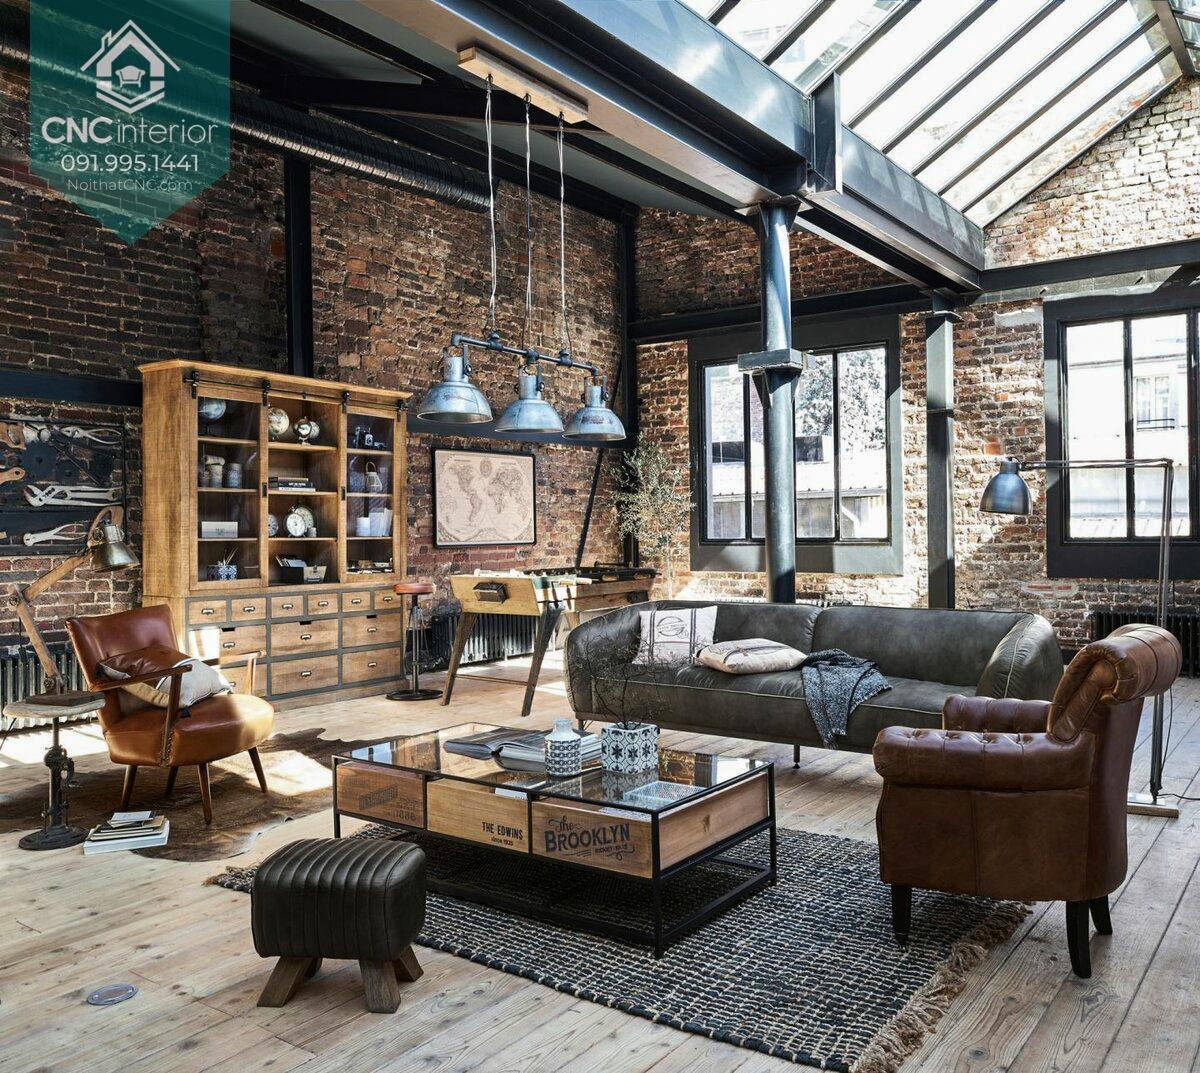 Không gian nội thất độc đáo mang phong cách Industrial